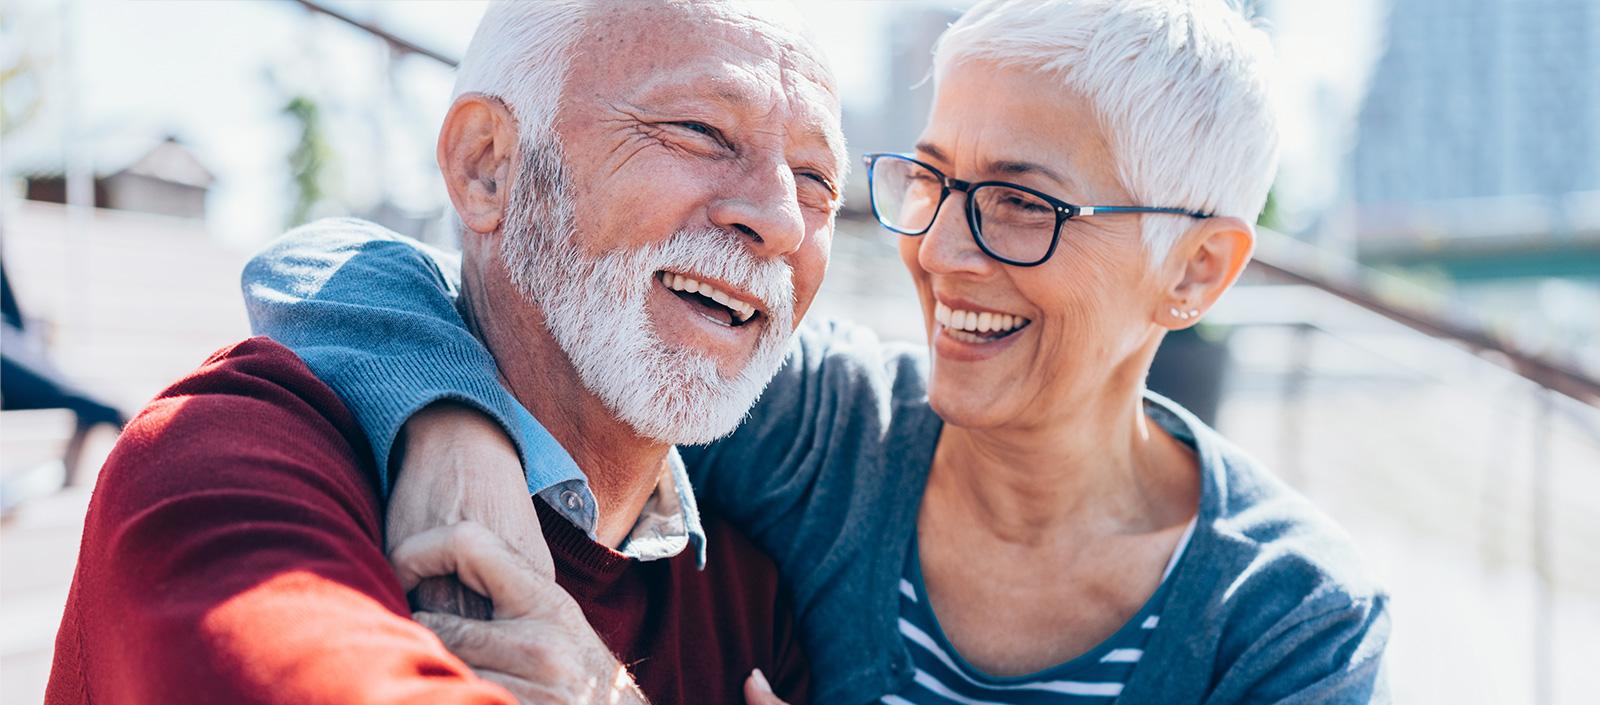 Ein älteres Ehepaar lacht nach einer erfolgreichen Zahnimplantat Behandlung